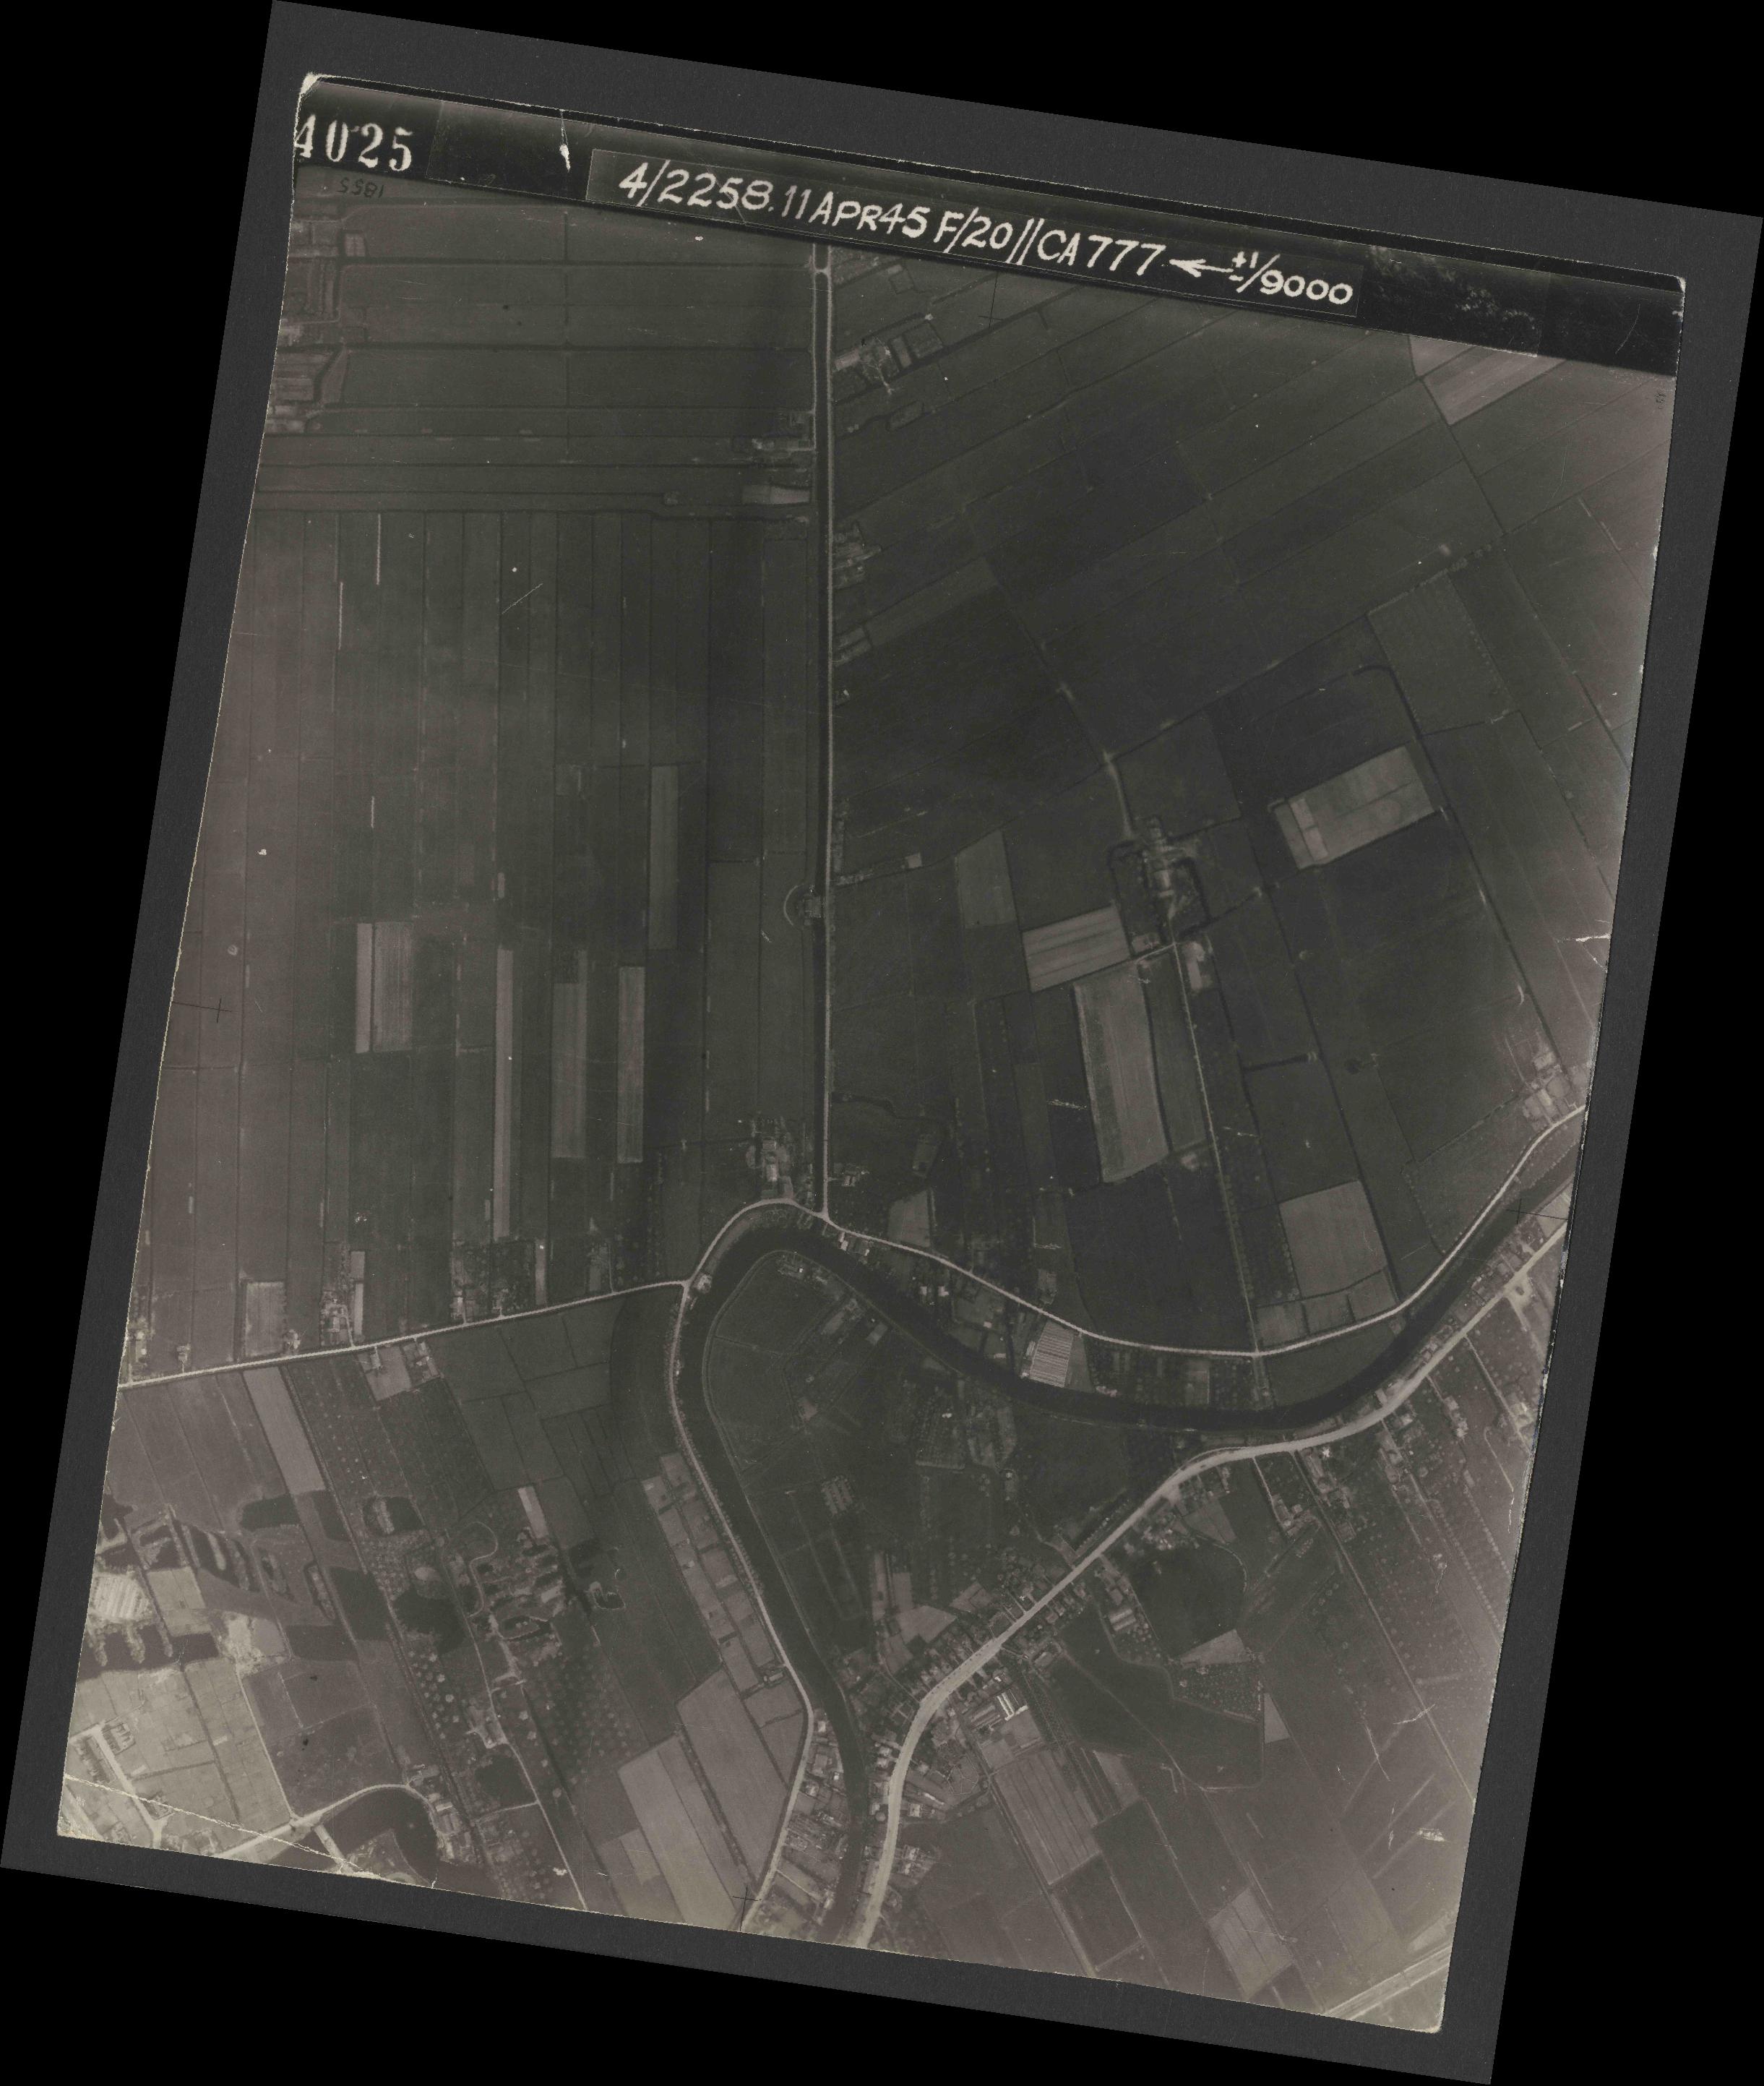 Collection RAF aerial photos 1940-1945 - flight 119, run 01, photo 4025